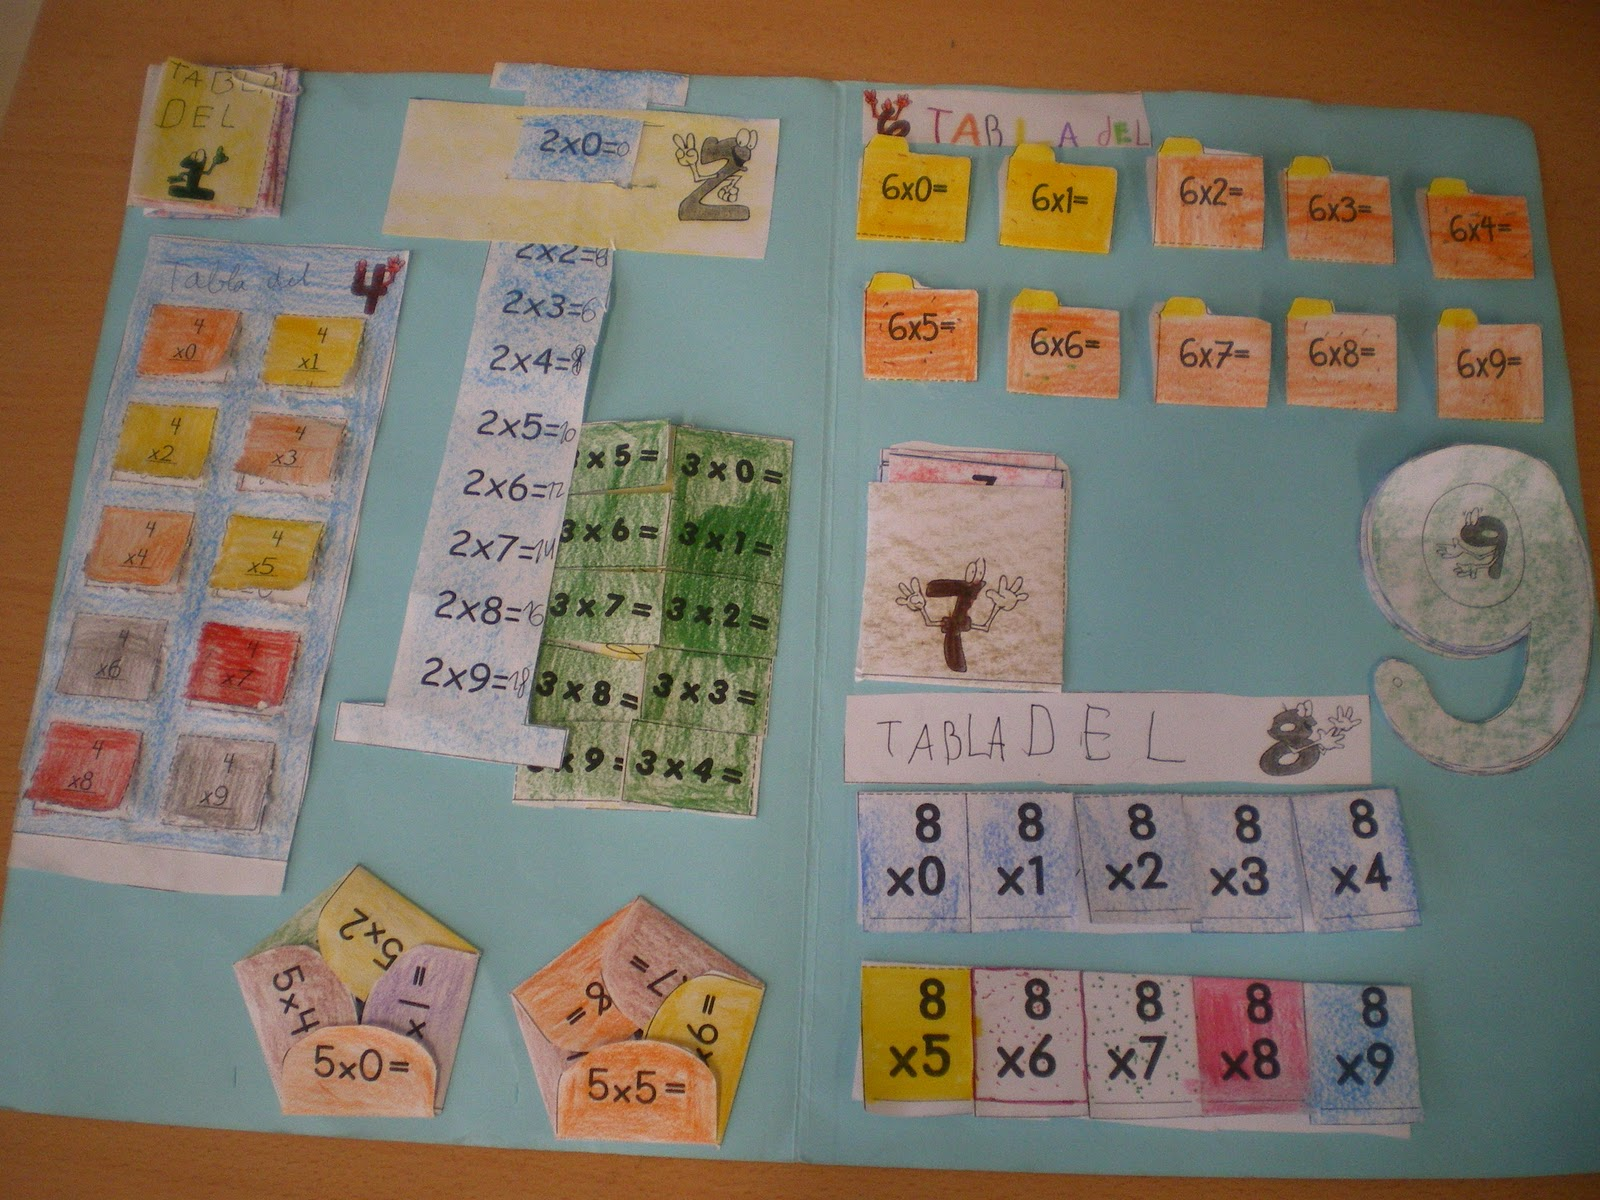 Bingo ortiz juego descargar de loteria Rosario 819992